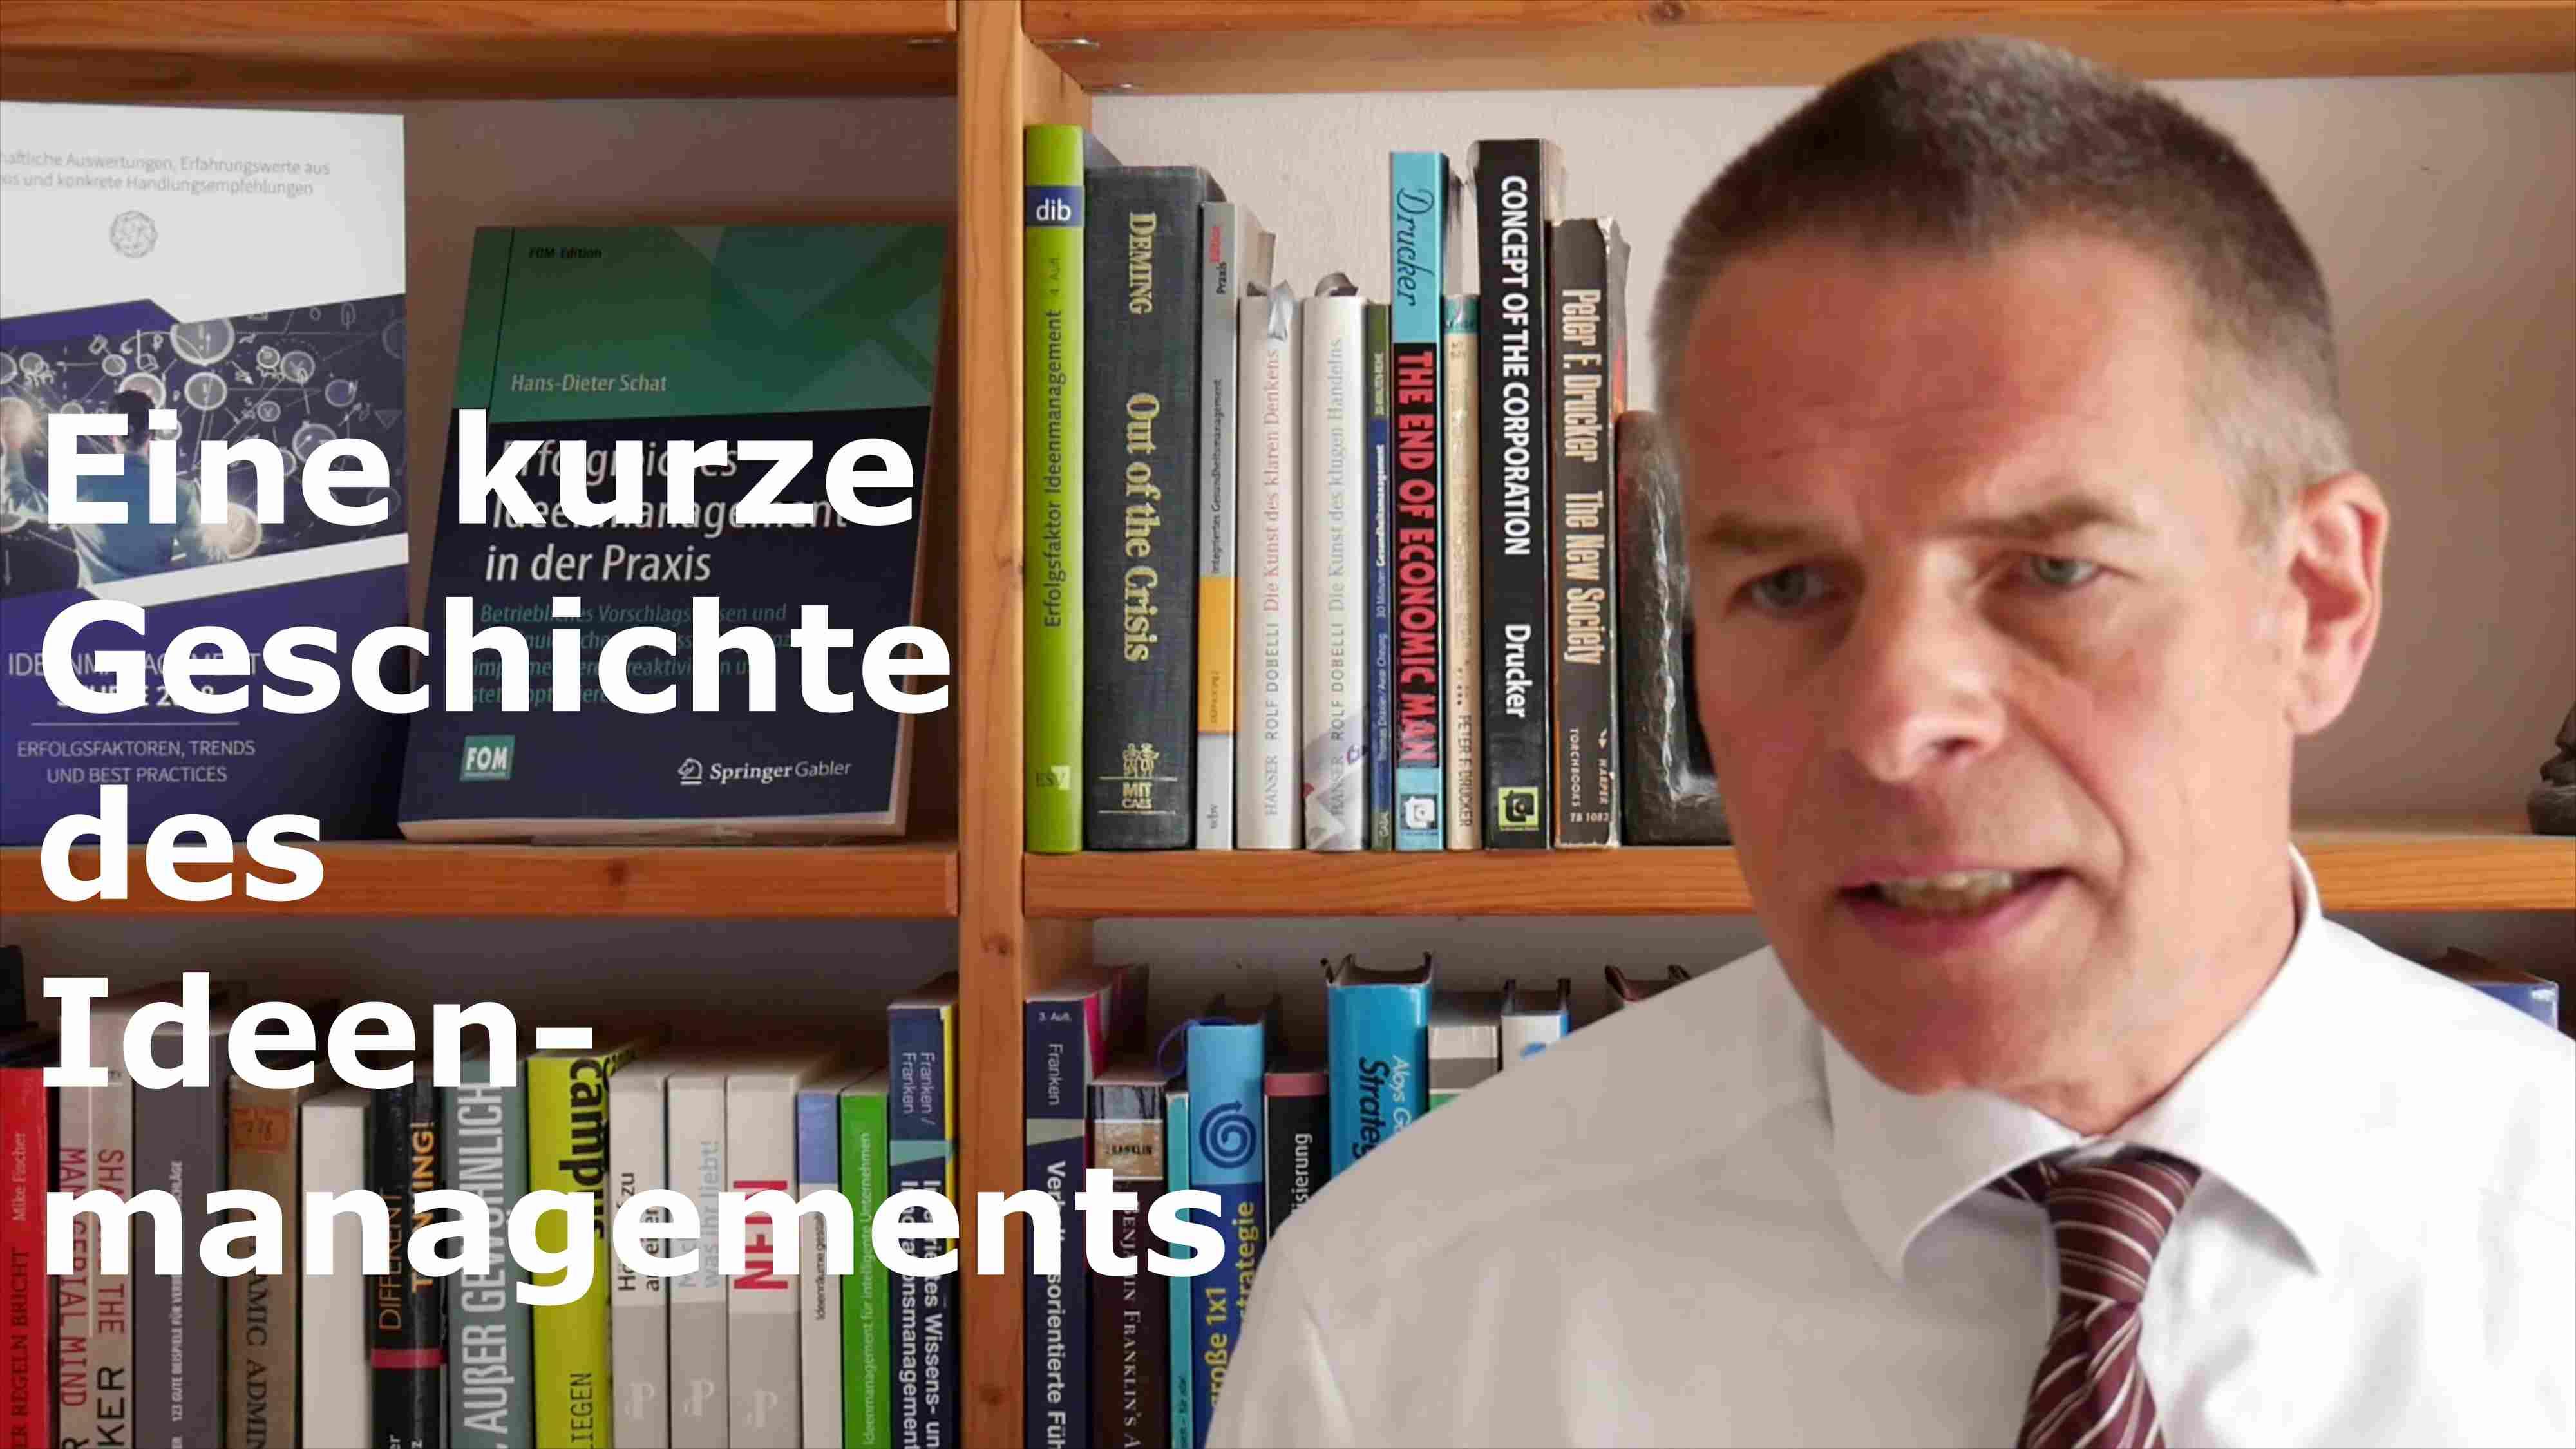 Hans-Dieter Schat vor einem Bücherregal mit der Überschrift Eine kurze Geschichte des Ideenmanagments